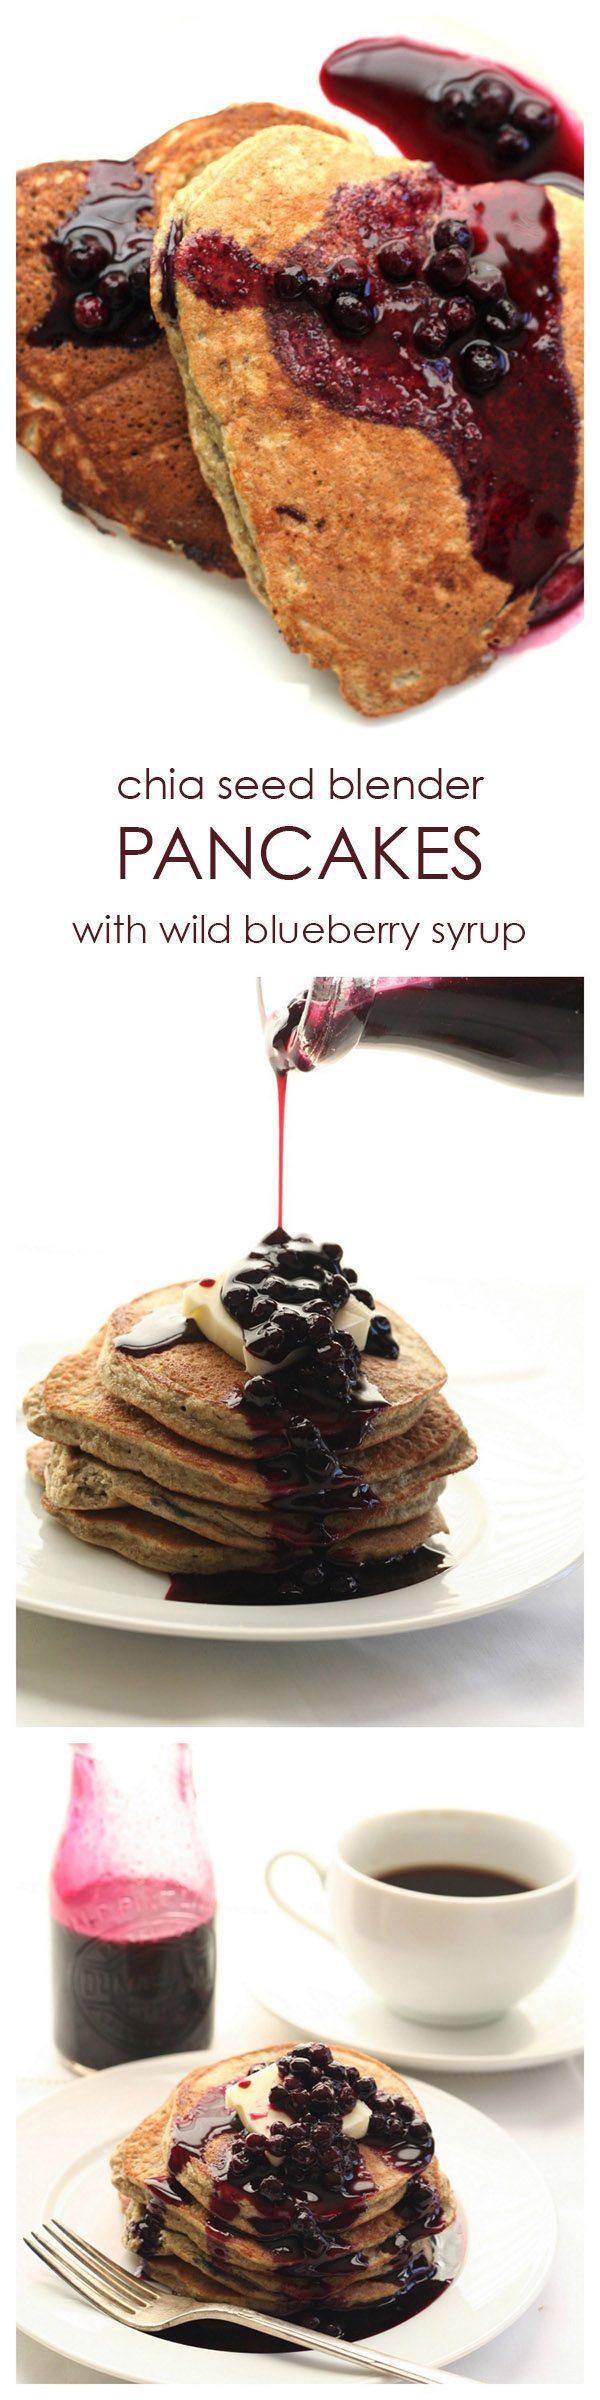 Chia Blueberry Blender Pancake Recipe Low Carb Grain-Free